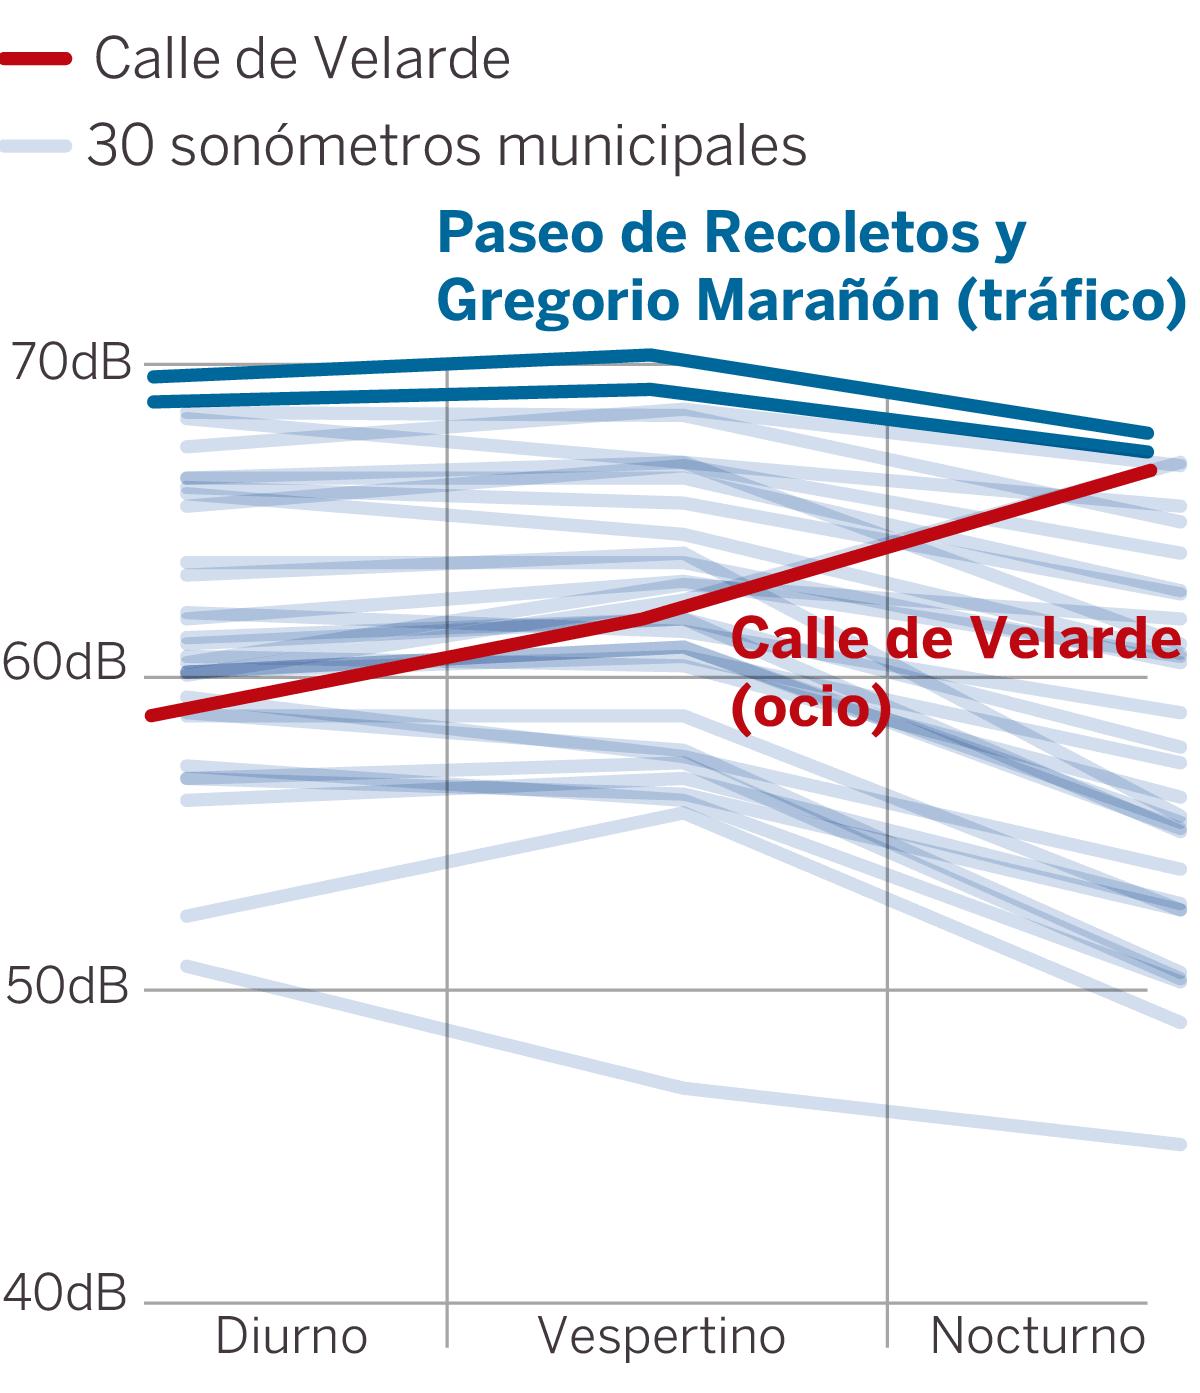 Fuente: Ayuntamiento de Madrid y elaboración propia. :: EL PAÍS